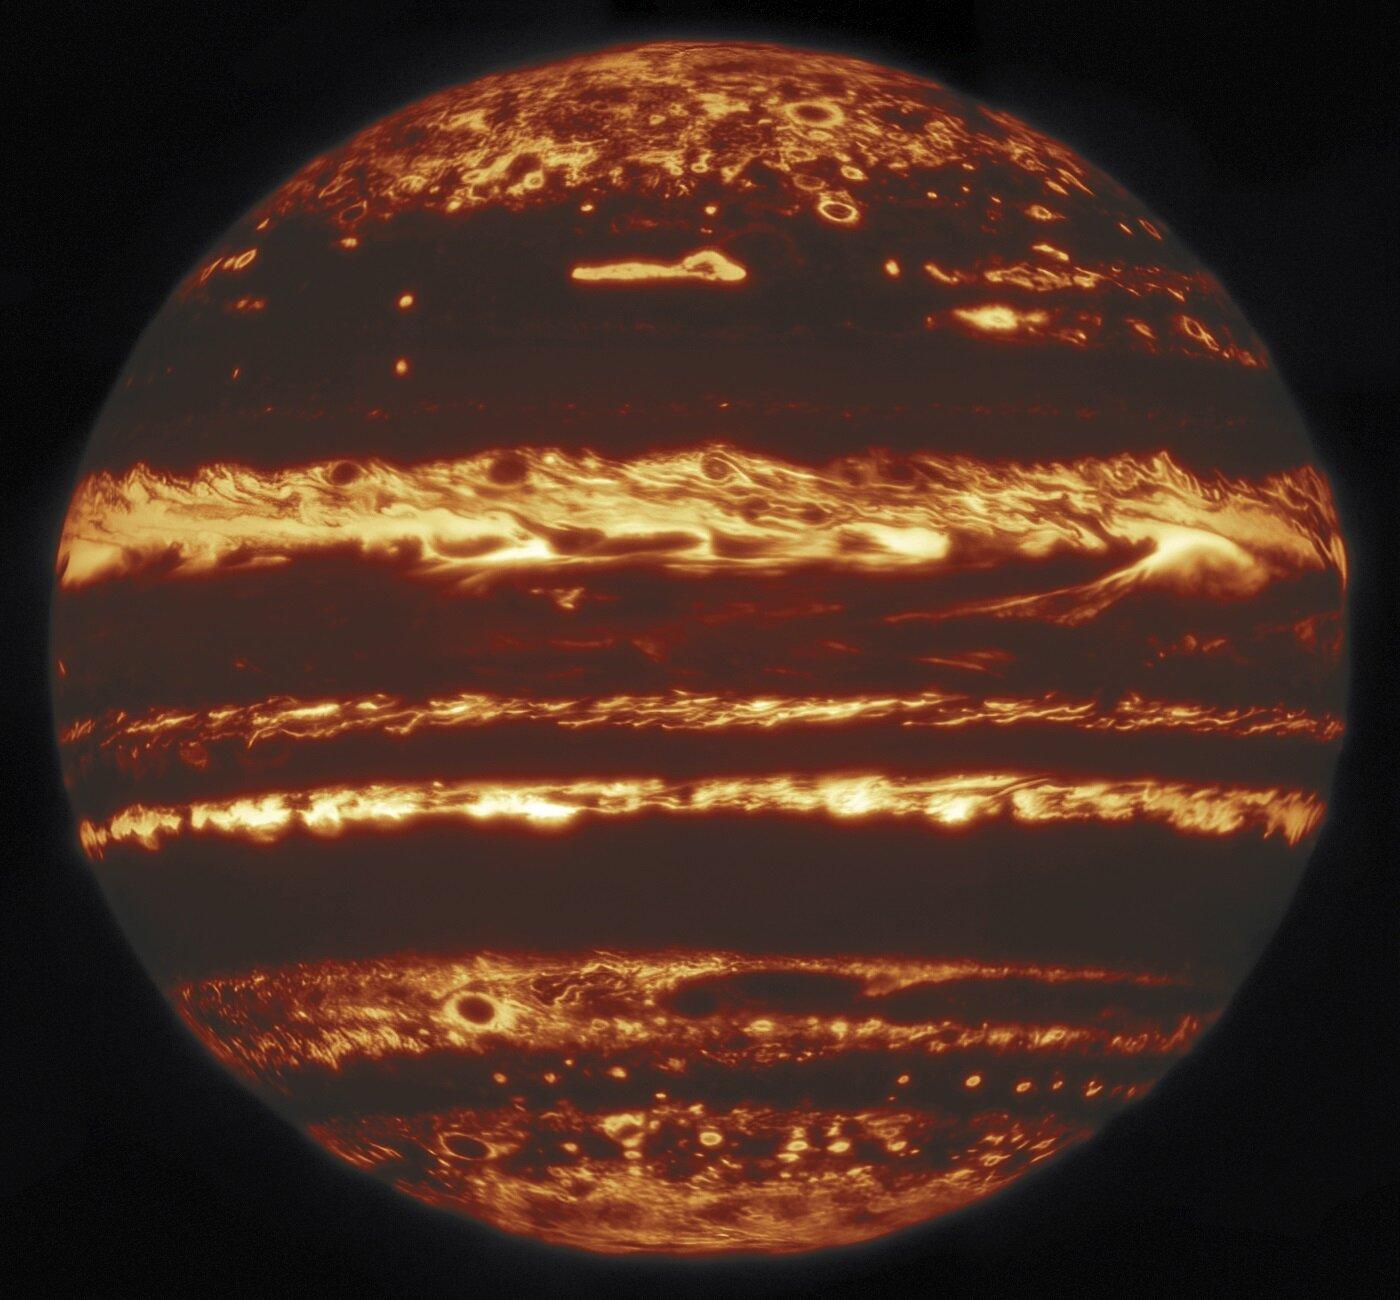 Teleskopy na Zemi i ve vesmíru spojily síly se vzdálenou sondou Juno, aby prozkoumaly atmosféru Jupitera